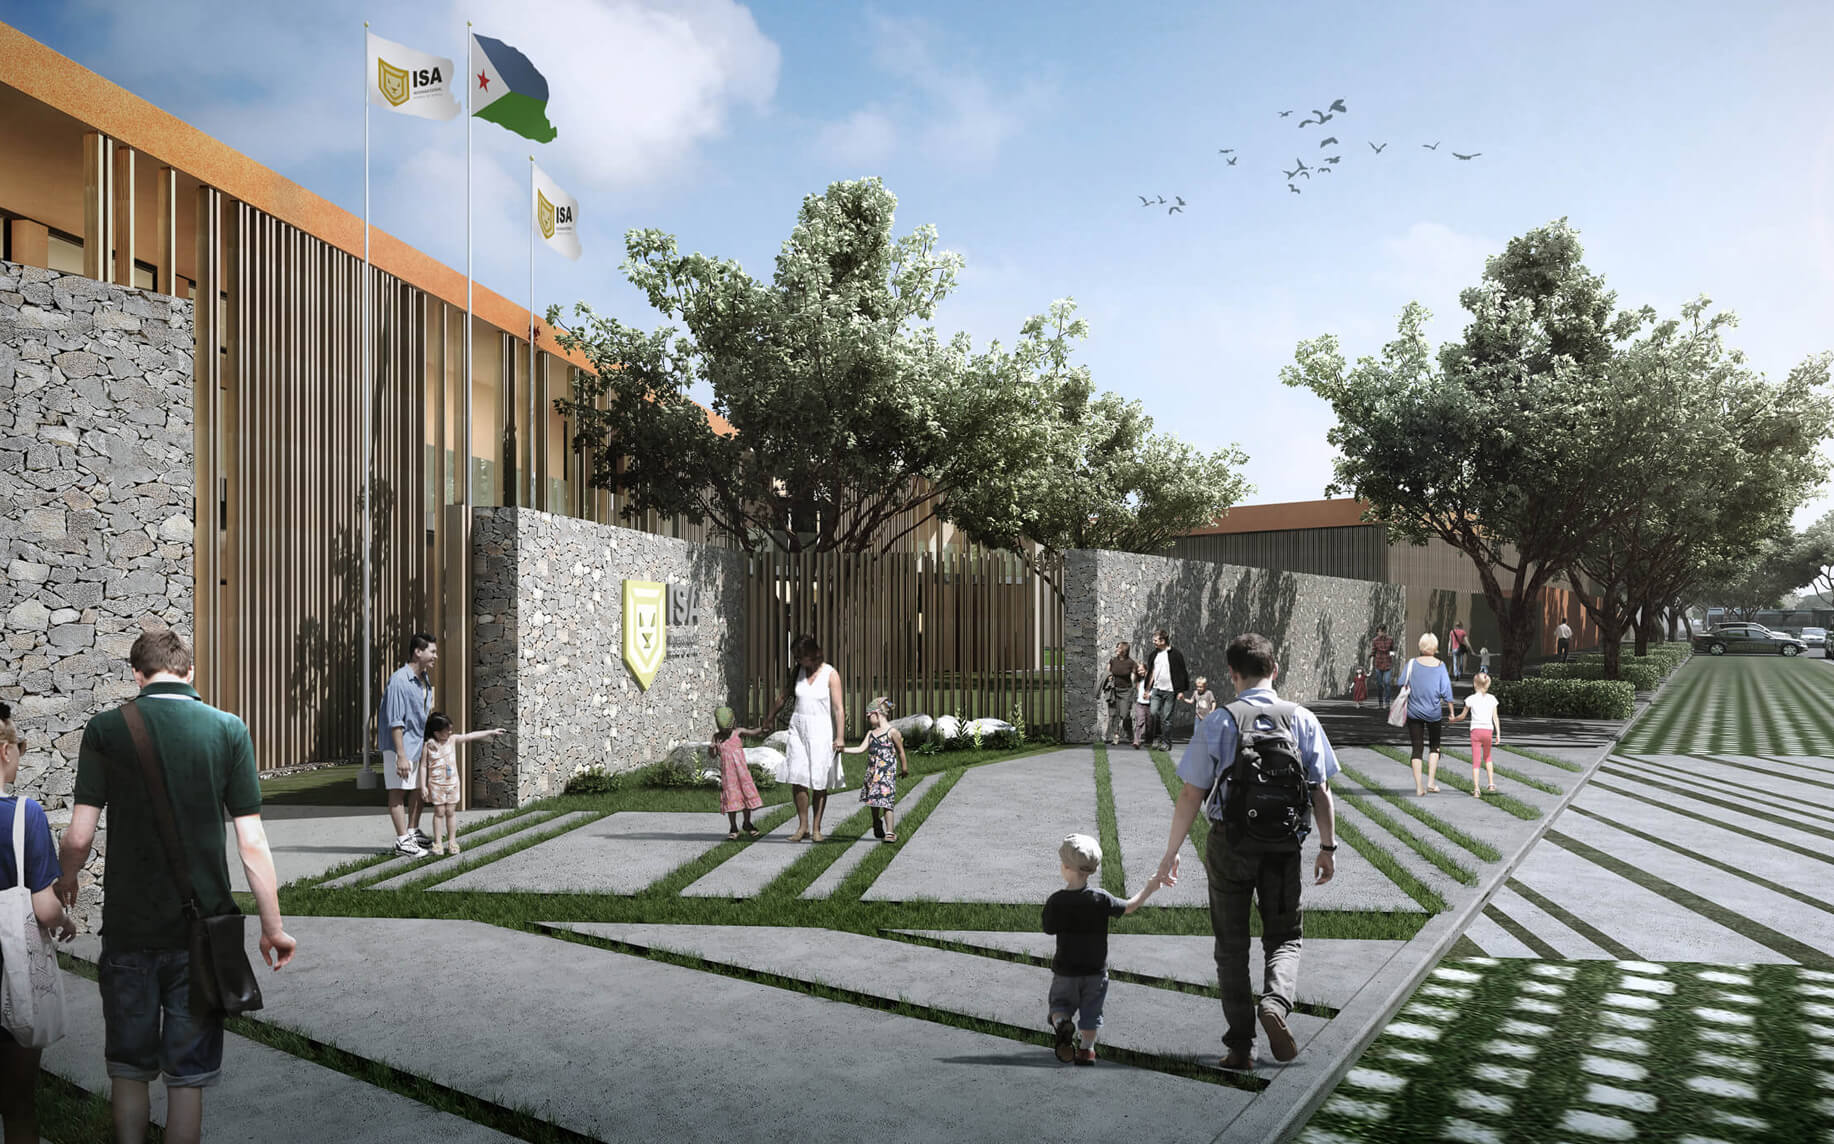 Djibouti ISA School